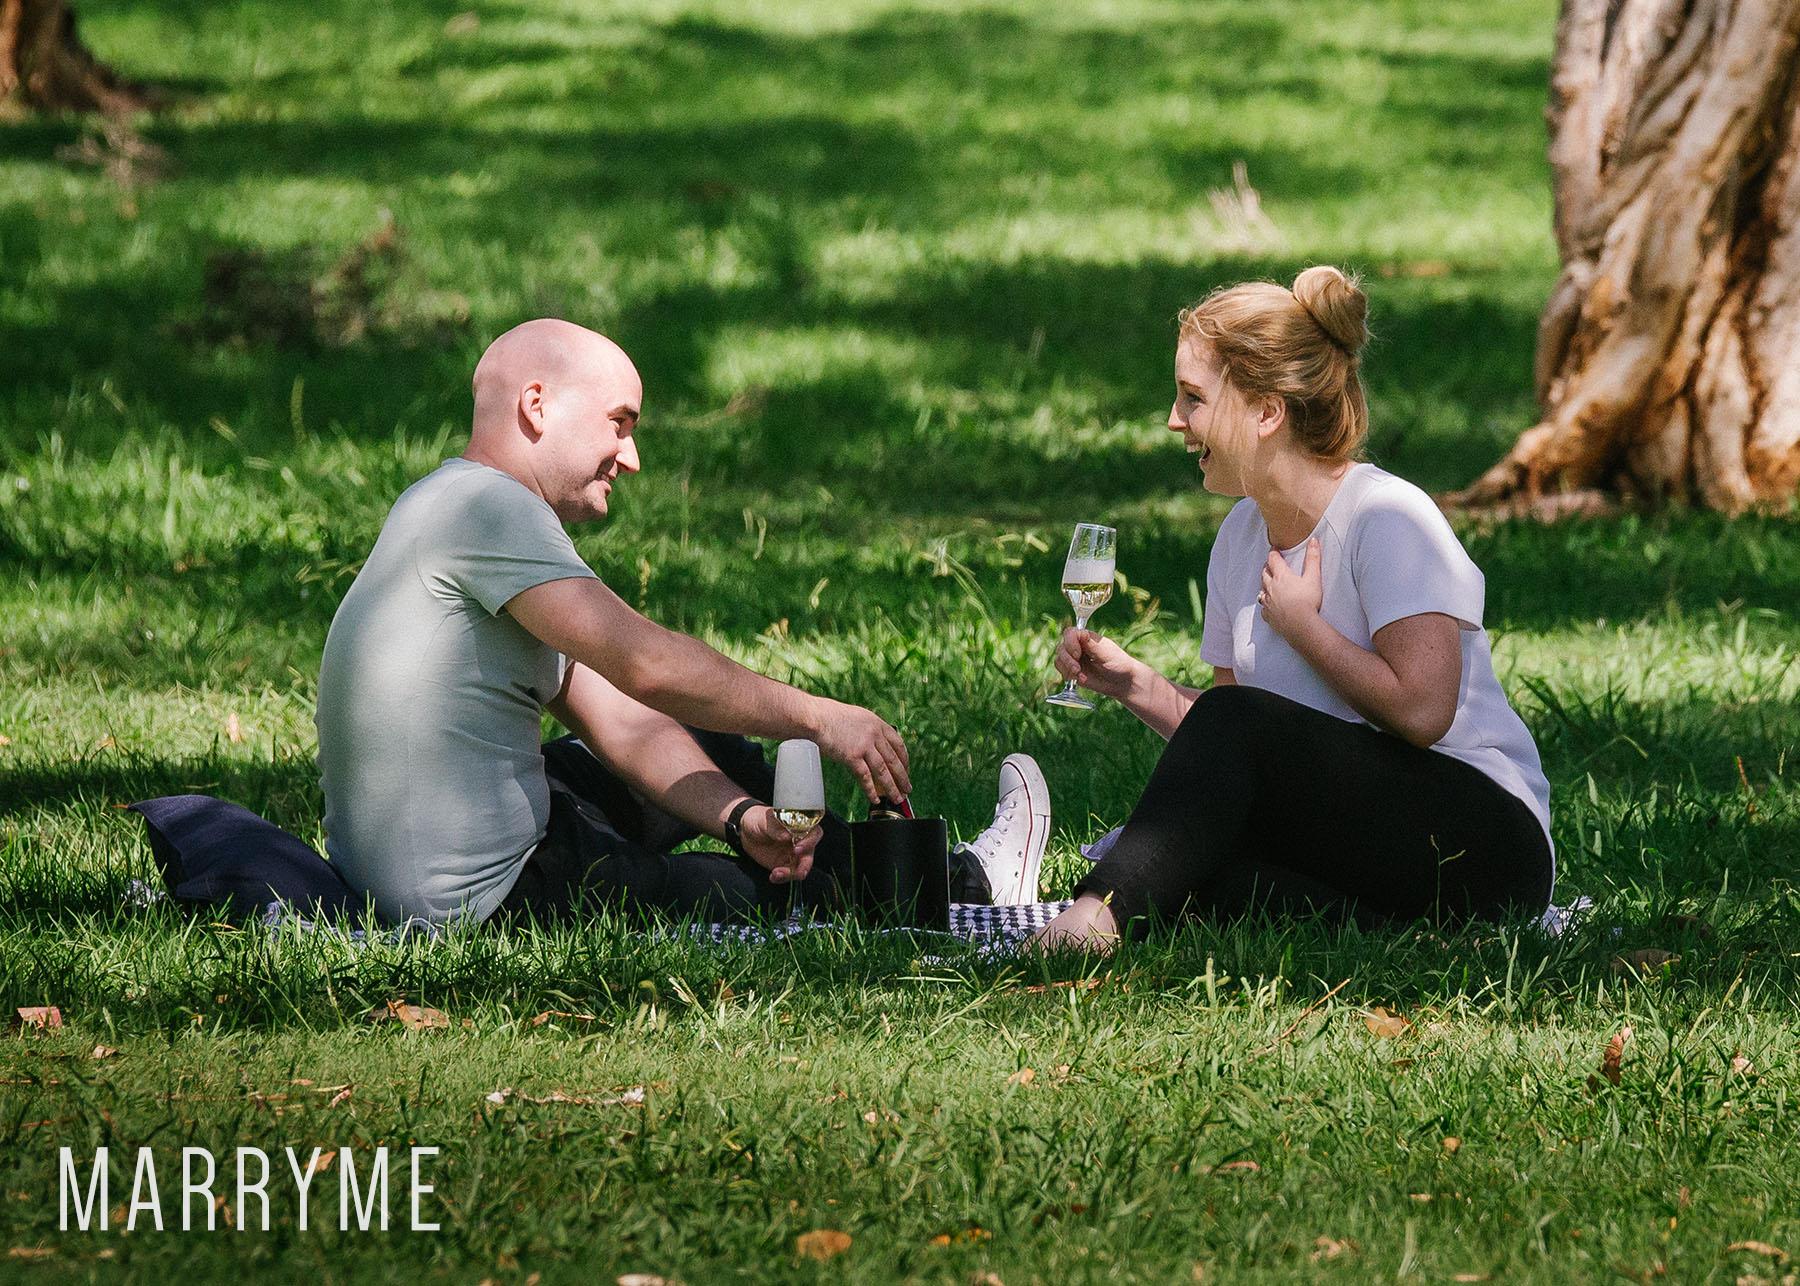 5_Centennial_Park_Parklands_marriage_proposal_sydney_marryme